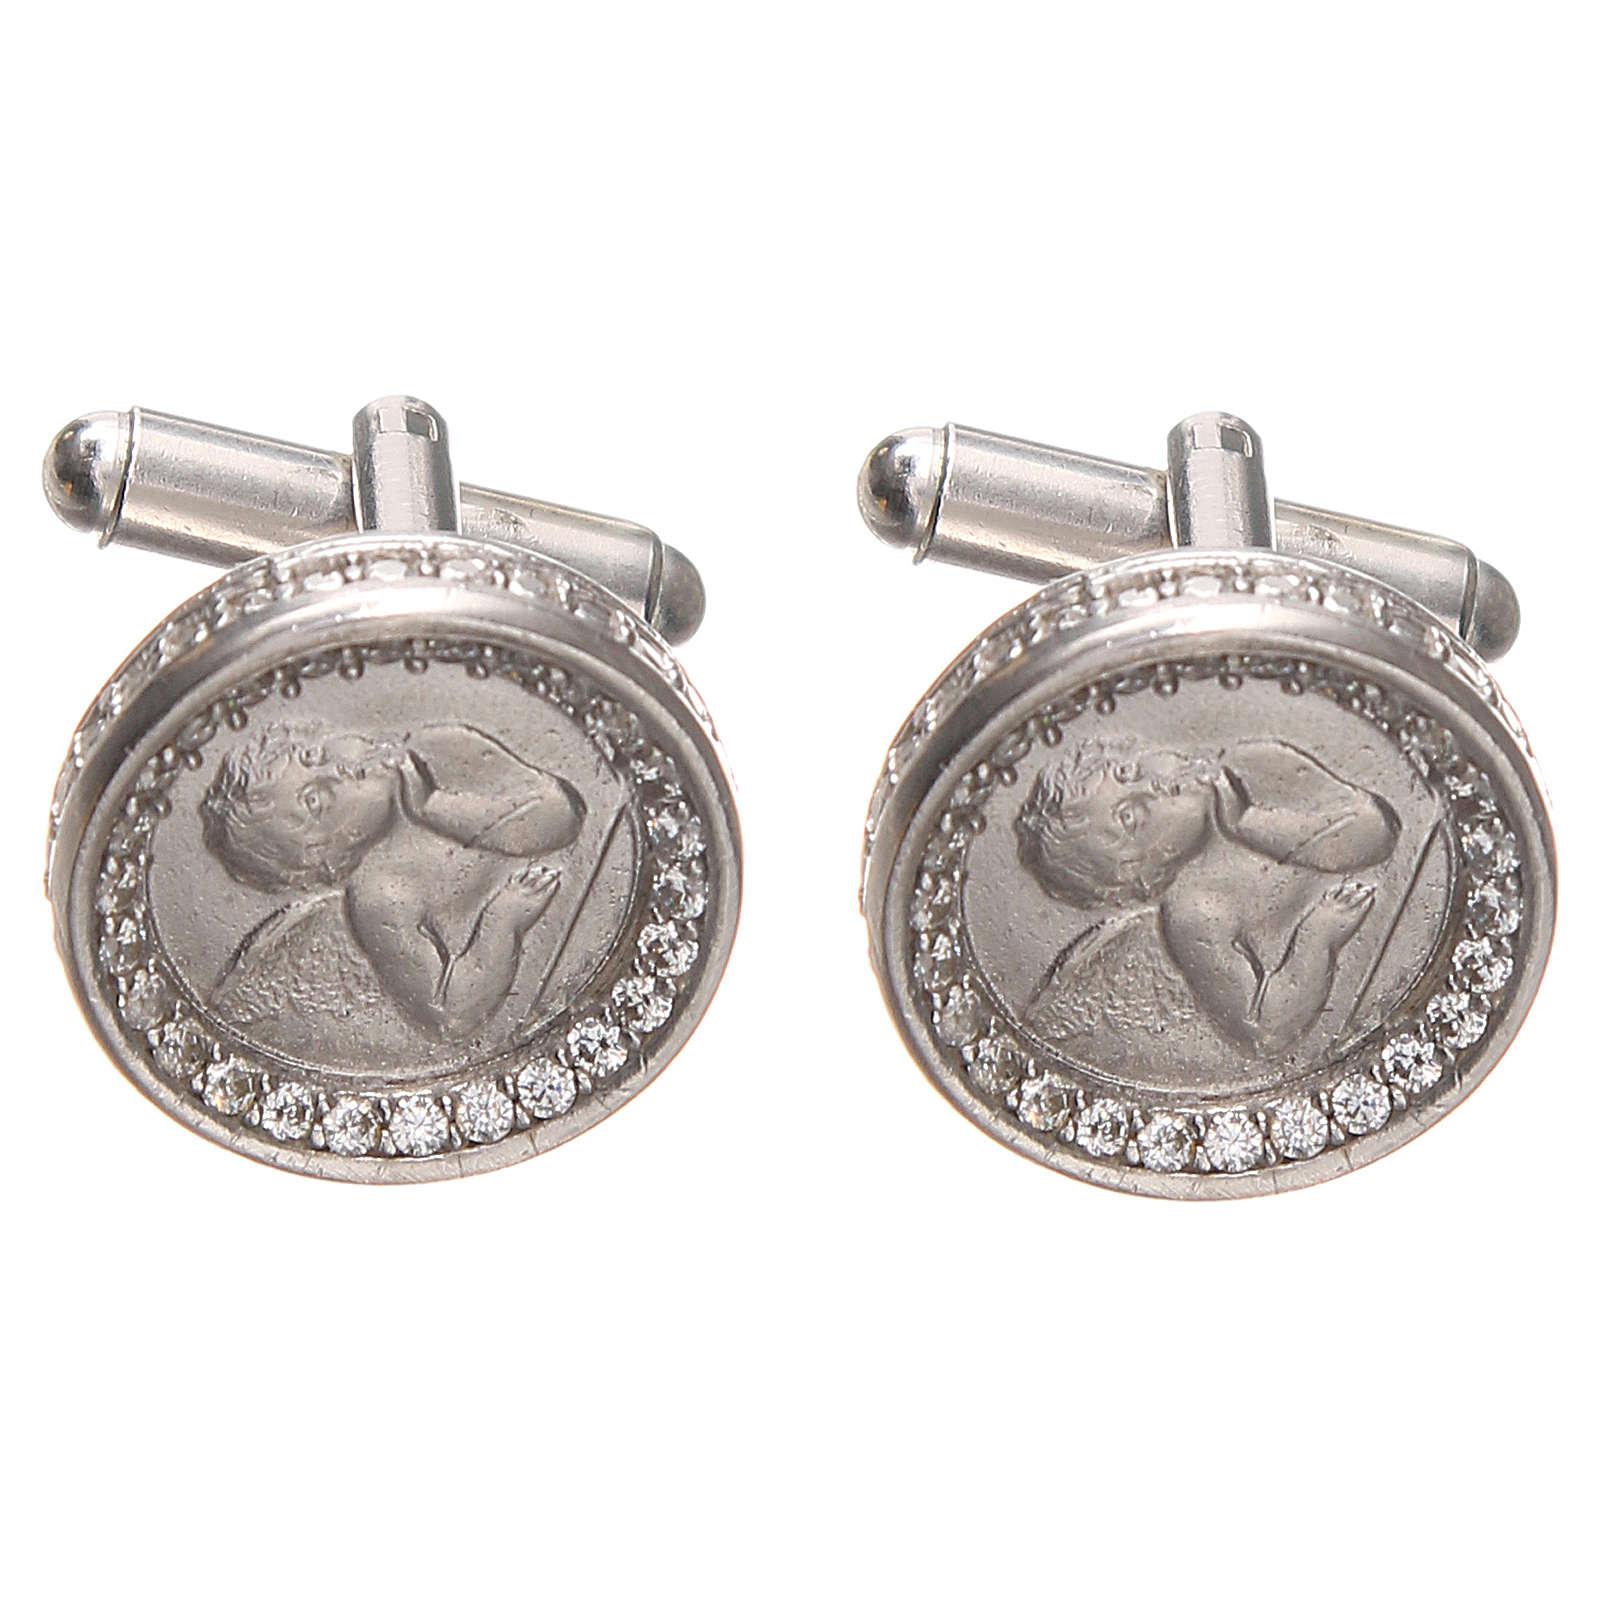 Gemelli uomo argento 800 con Angelo di Raffaello 1,7 cm 4